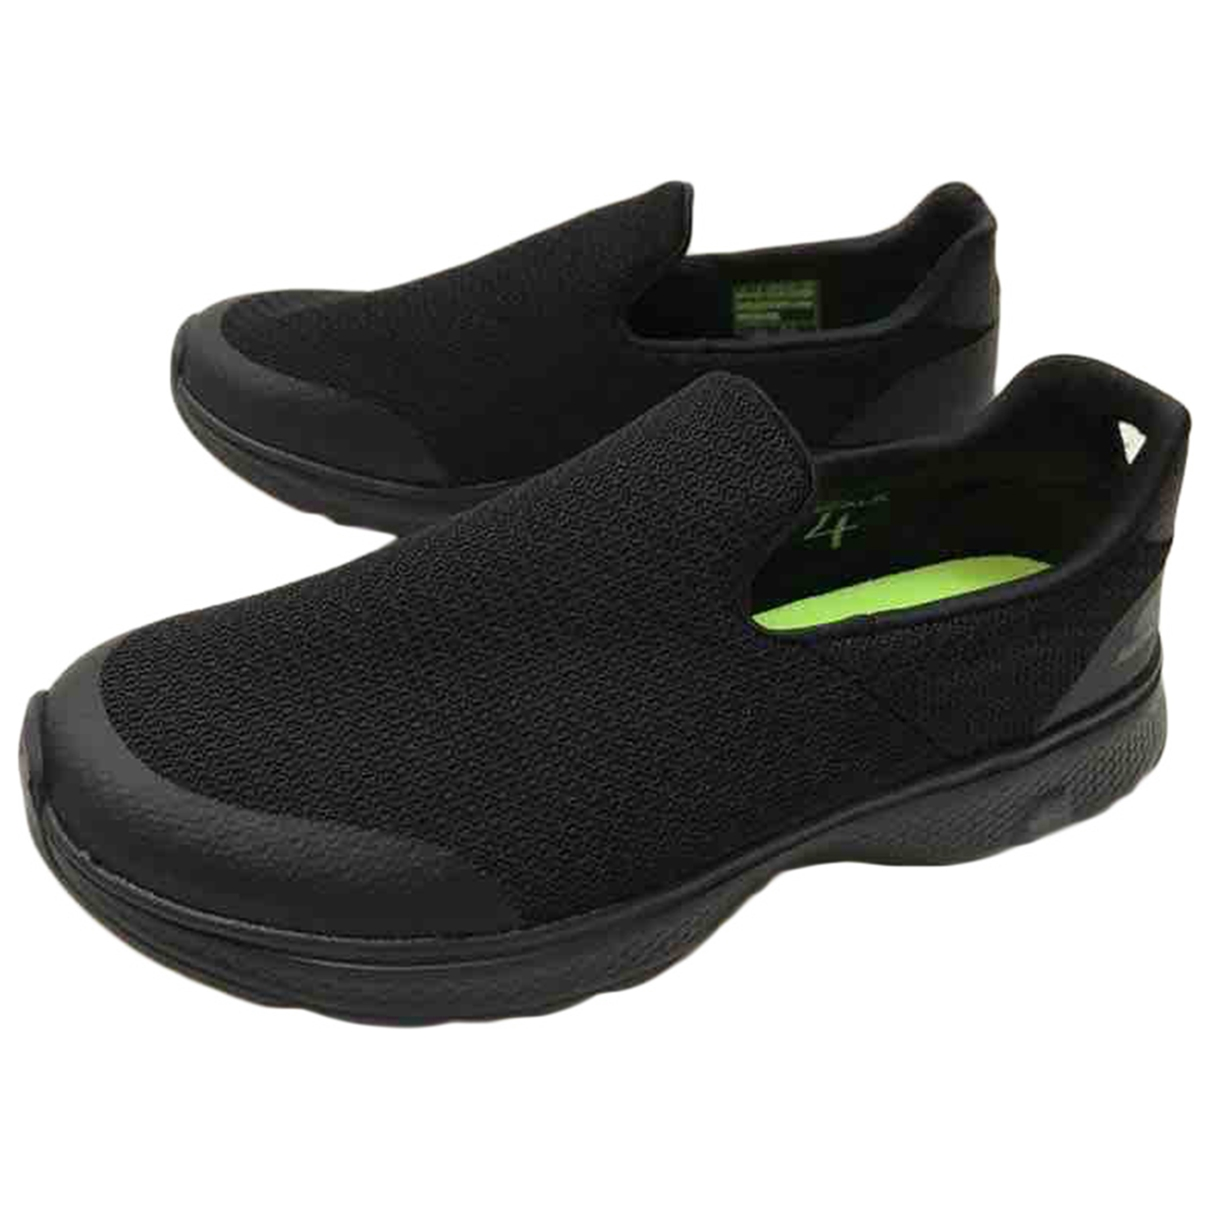 Skechers - Baskets   pour homme en autre - noir